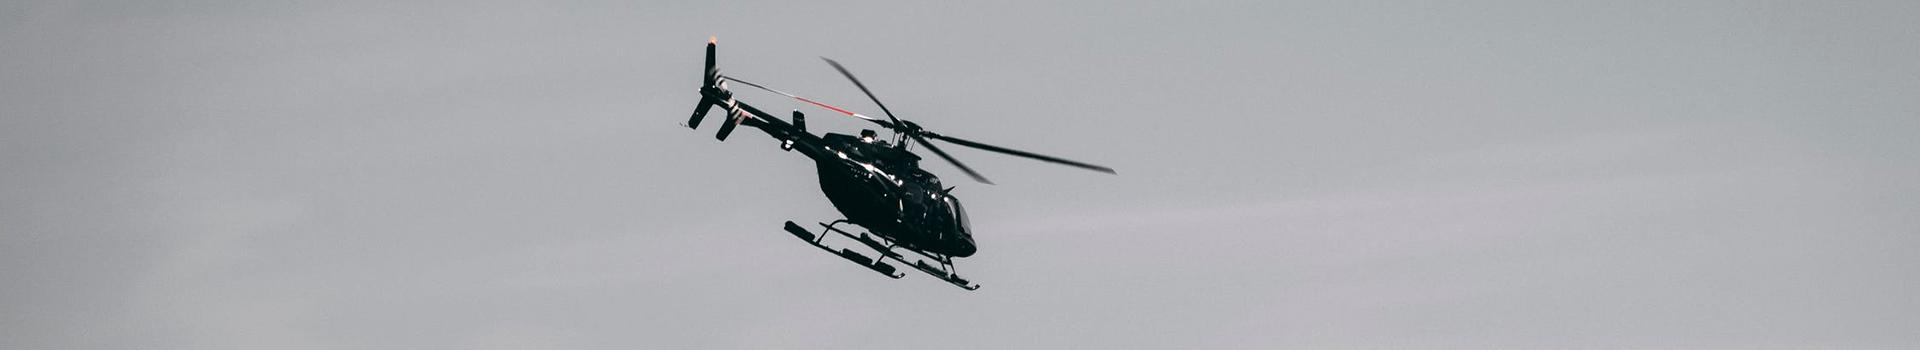 Главная картинка статьи Пилот вертолета — кто это? [Плюсы и минусы]